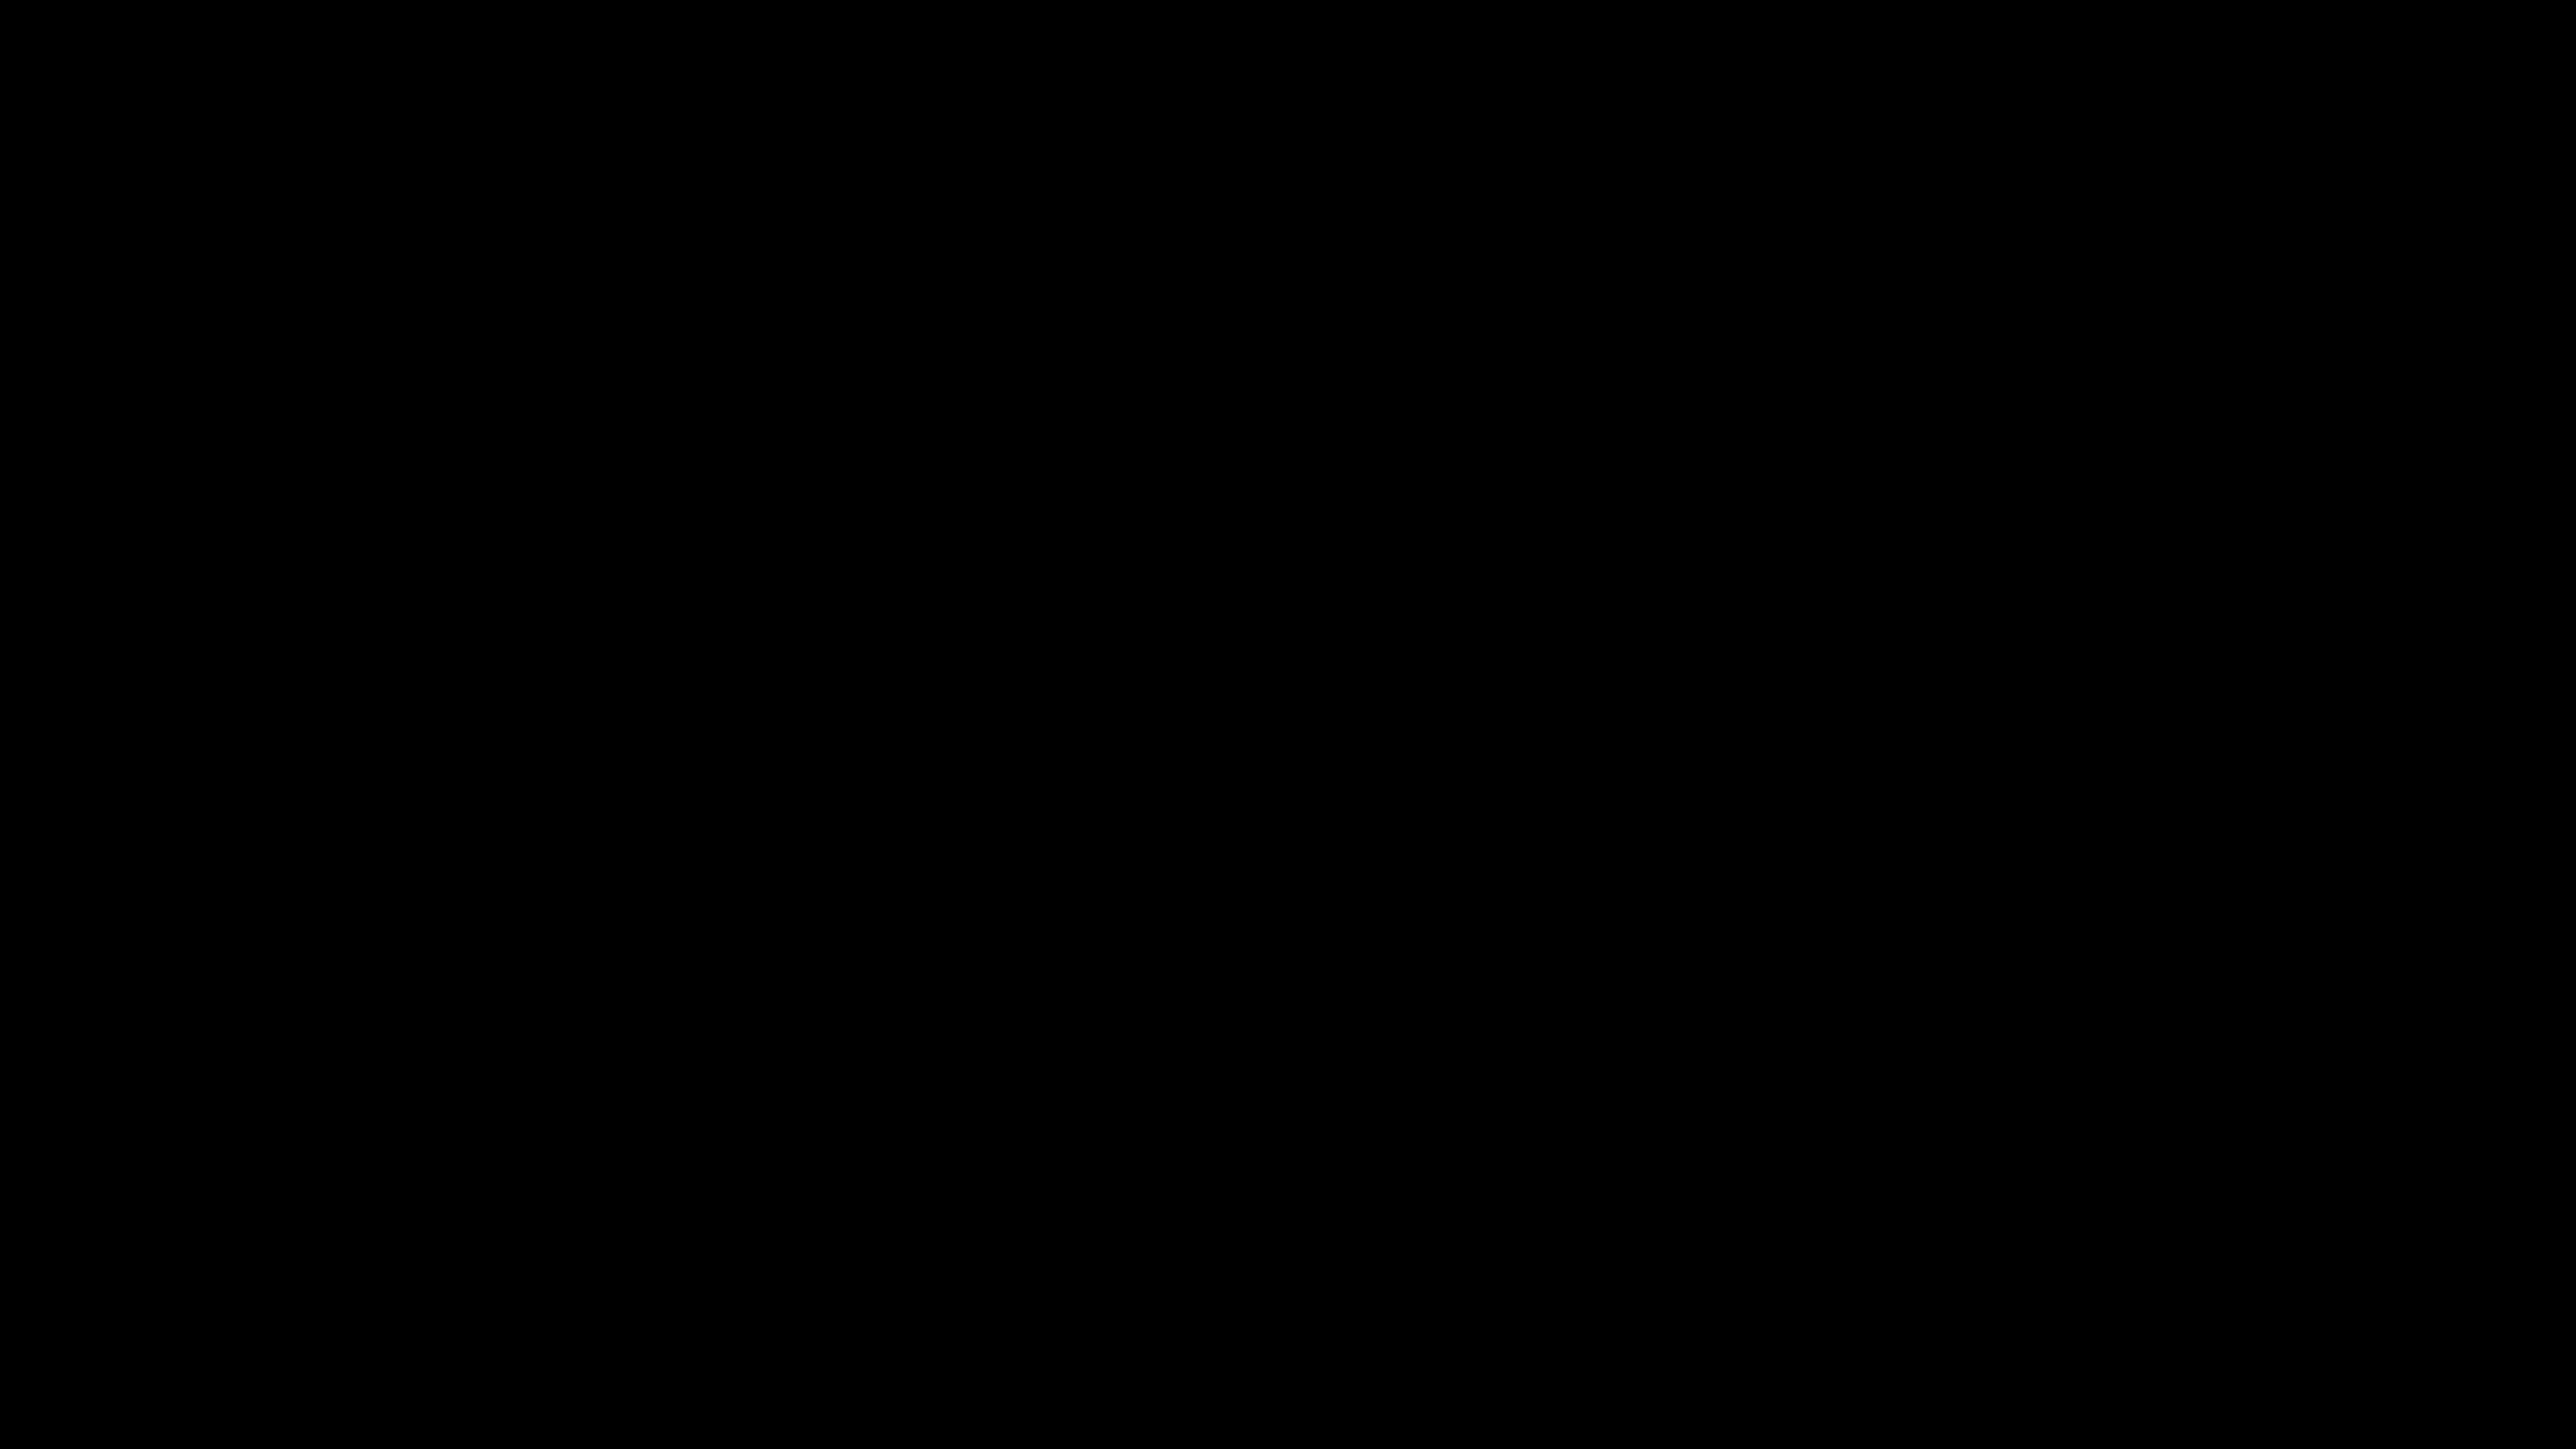 ข้อแนะนำในการดูแลผู้สูงอายุหลงลืมจากโรคอัลไซเมอร์